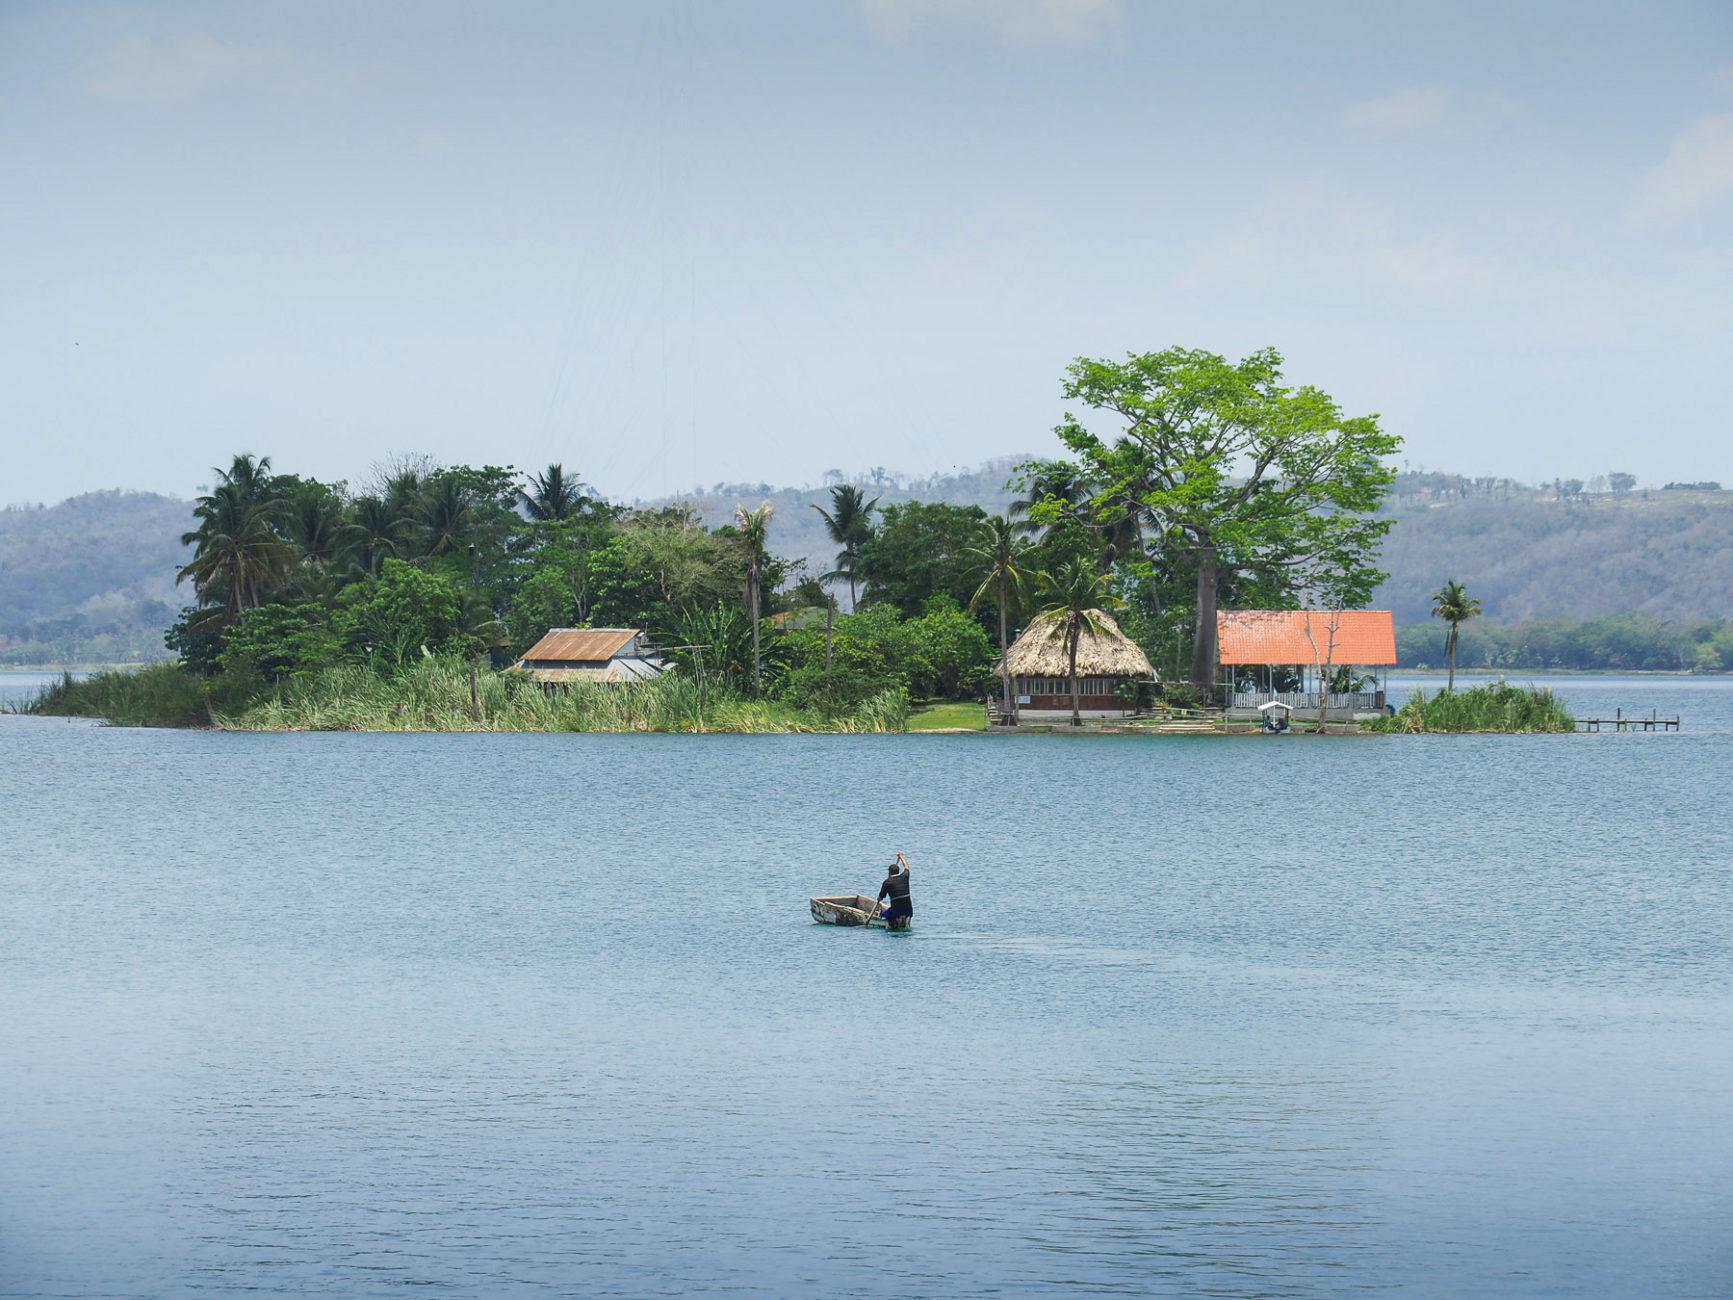 Insel vor Flores, Lago Peten Itza, im heißen, schwülen Tiefland von Guatemala